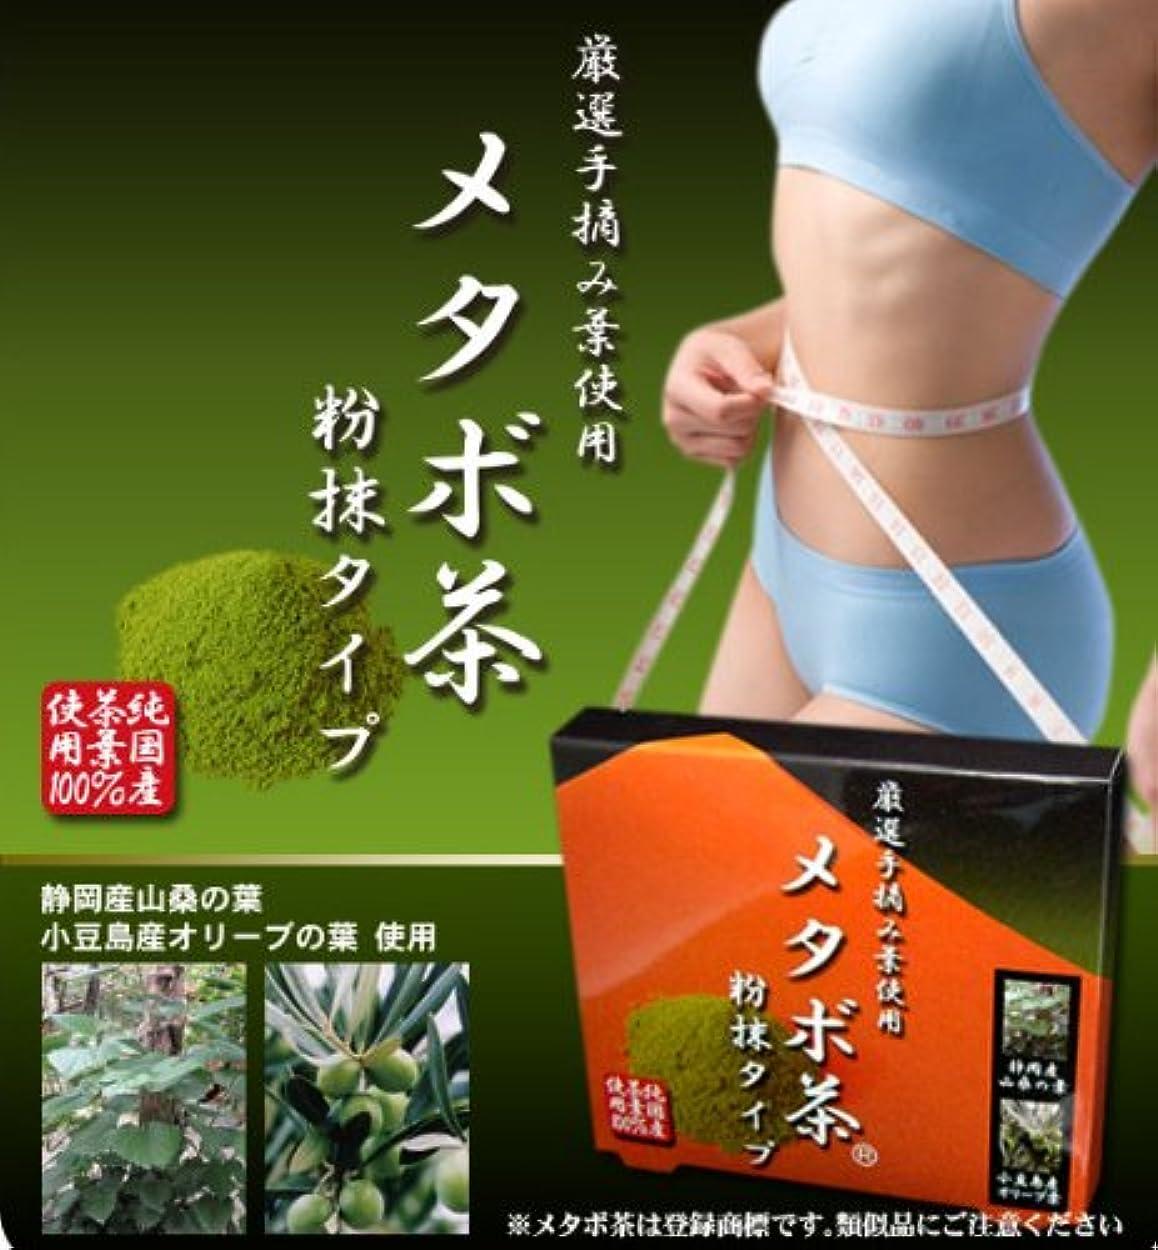 毒選出する自分のメタボ茶粉抹タイプ 2個セット(完全無農薬 純国産茶葉100%使用ダイエット茶)